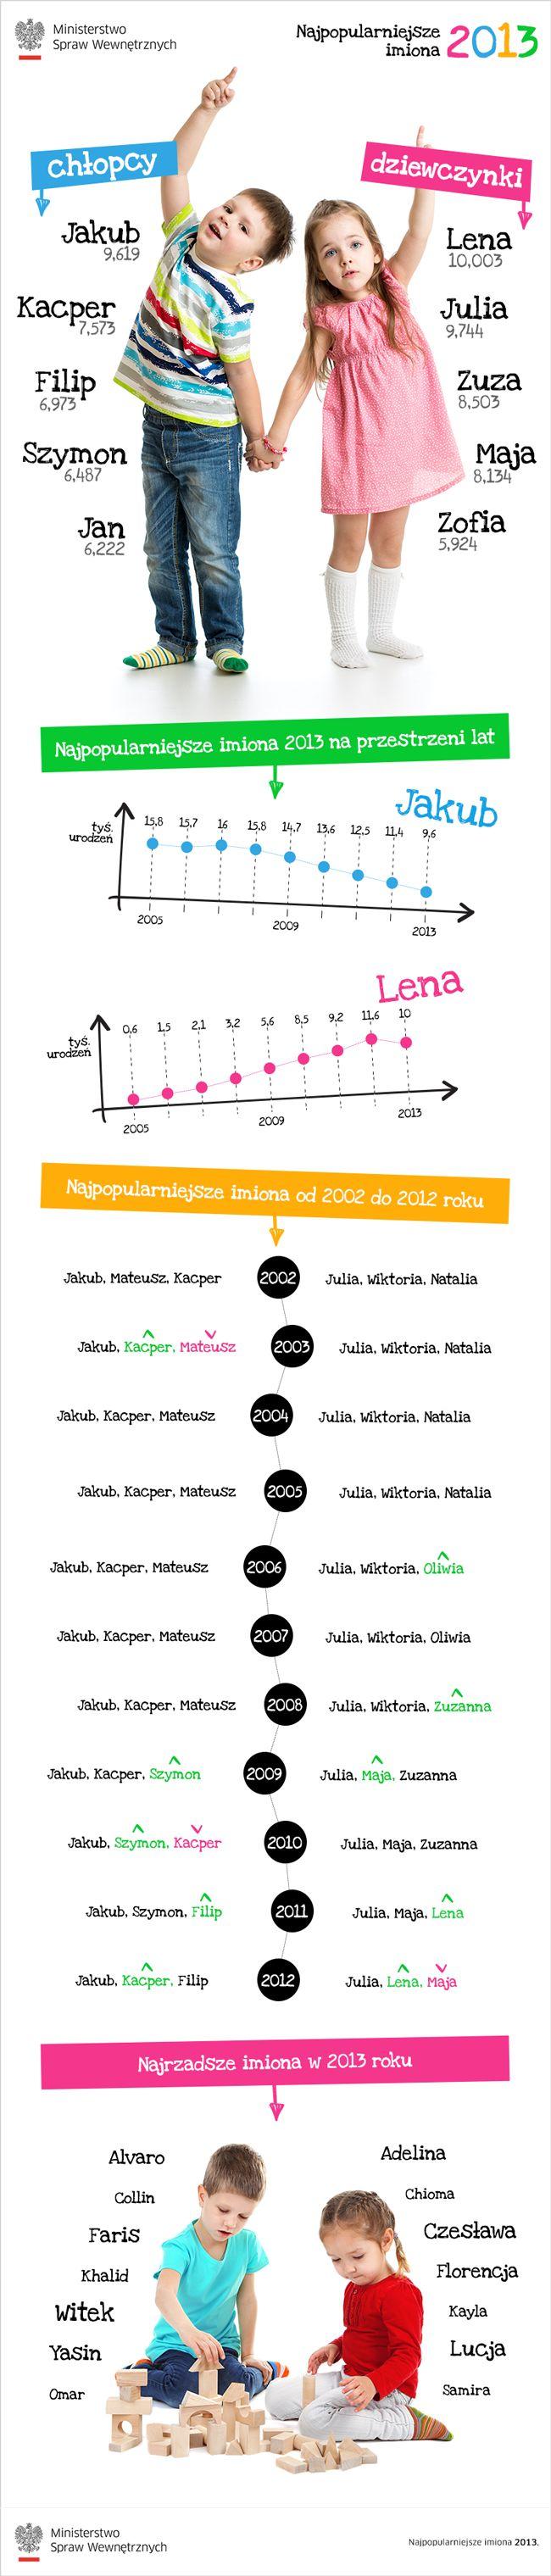 Najpopularniejsze imiona 2013 - infografika MSW